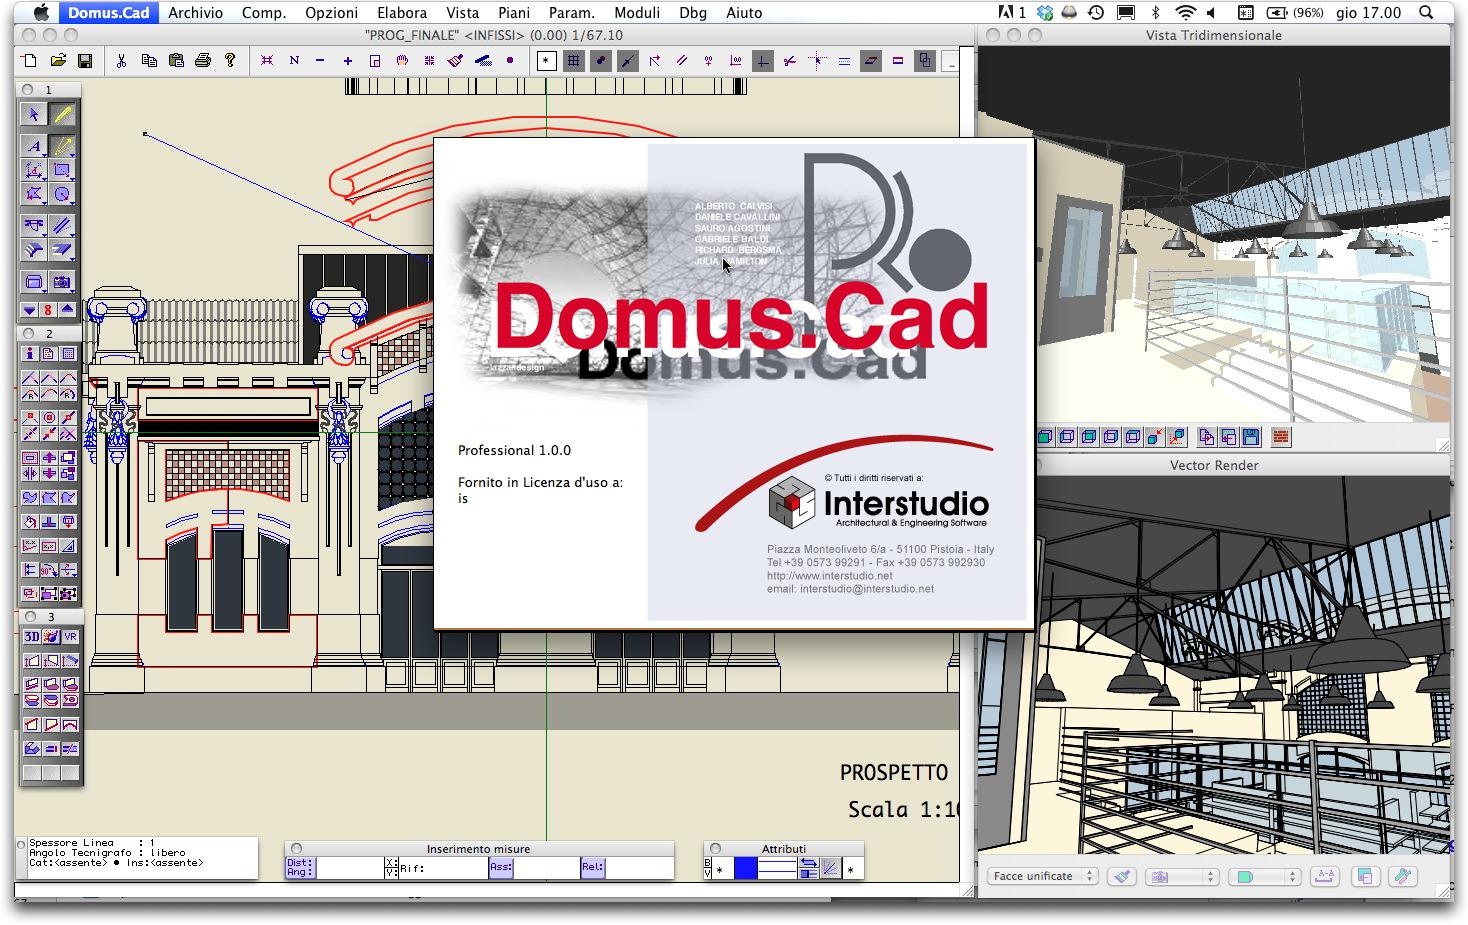 Domus cad pro3 bim portale for Software progettazione interni gratis